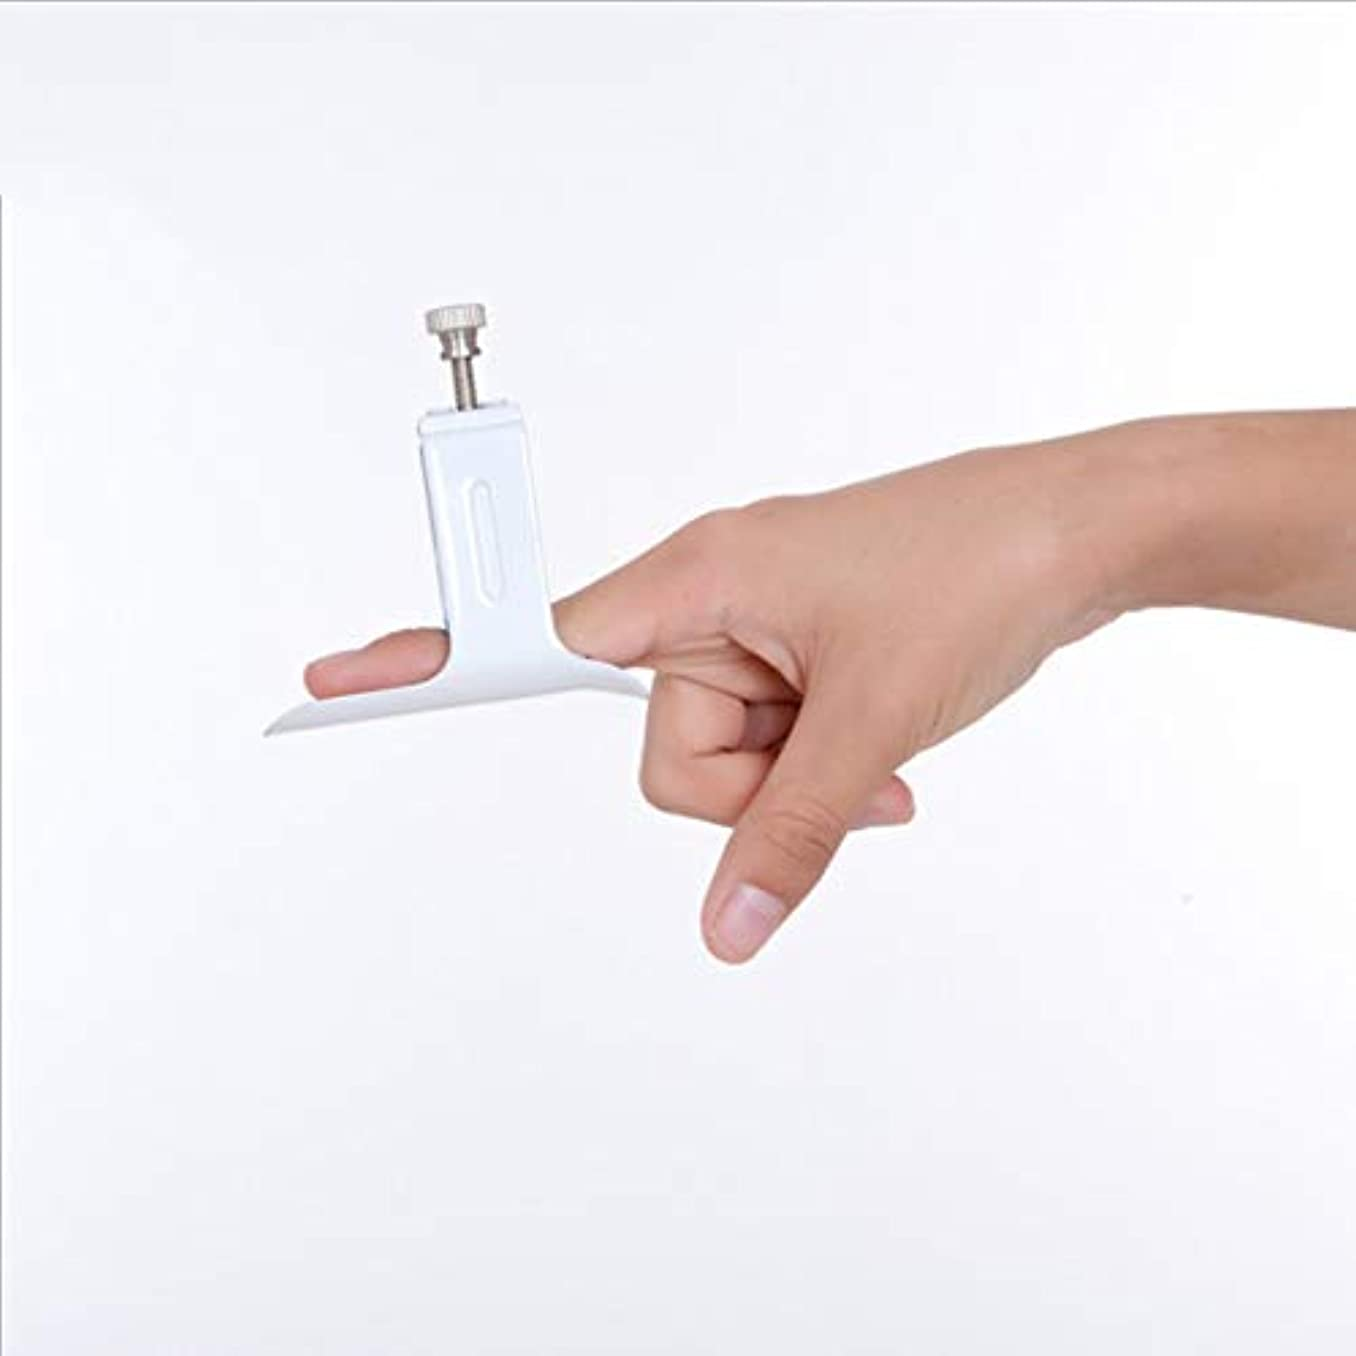 指の延長副木、手指の傷害のホールダーの副木矯正器指の拡張指の固定固定されたリハビリテーションの苦痛救助用具の援助